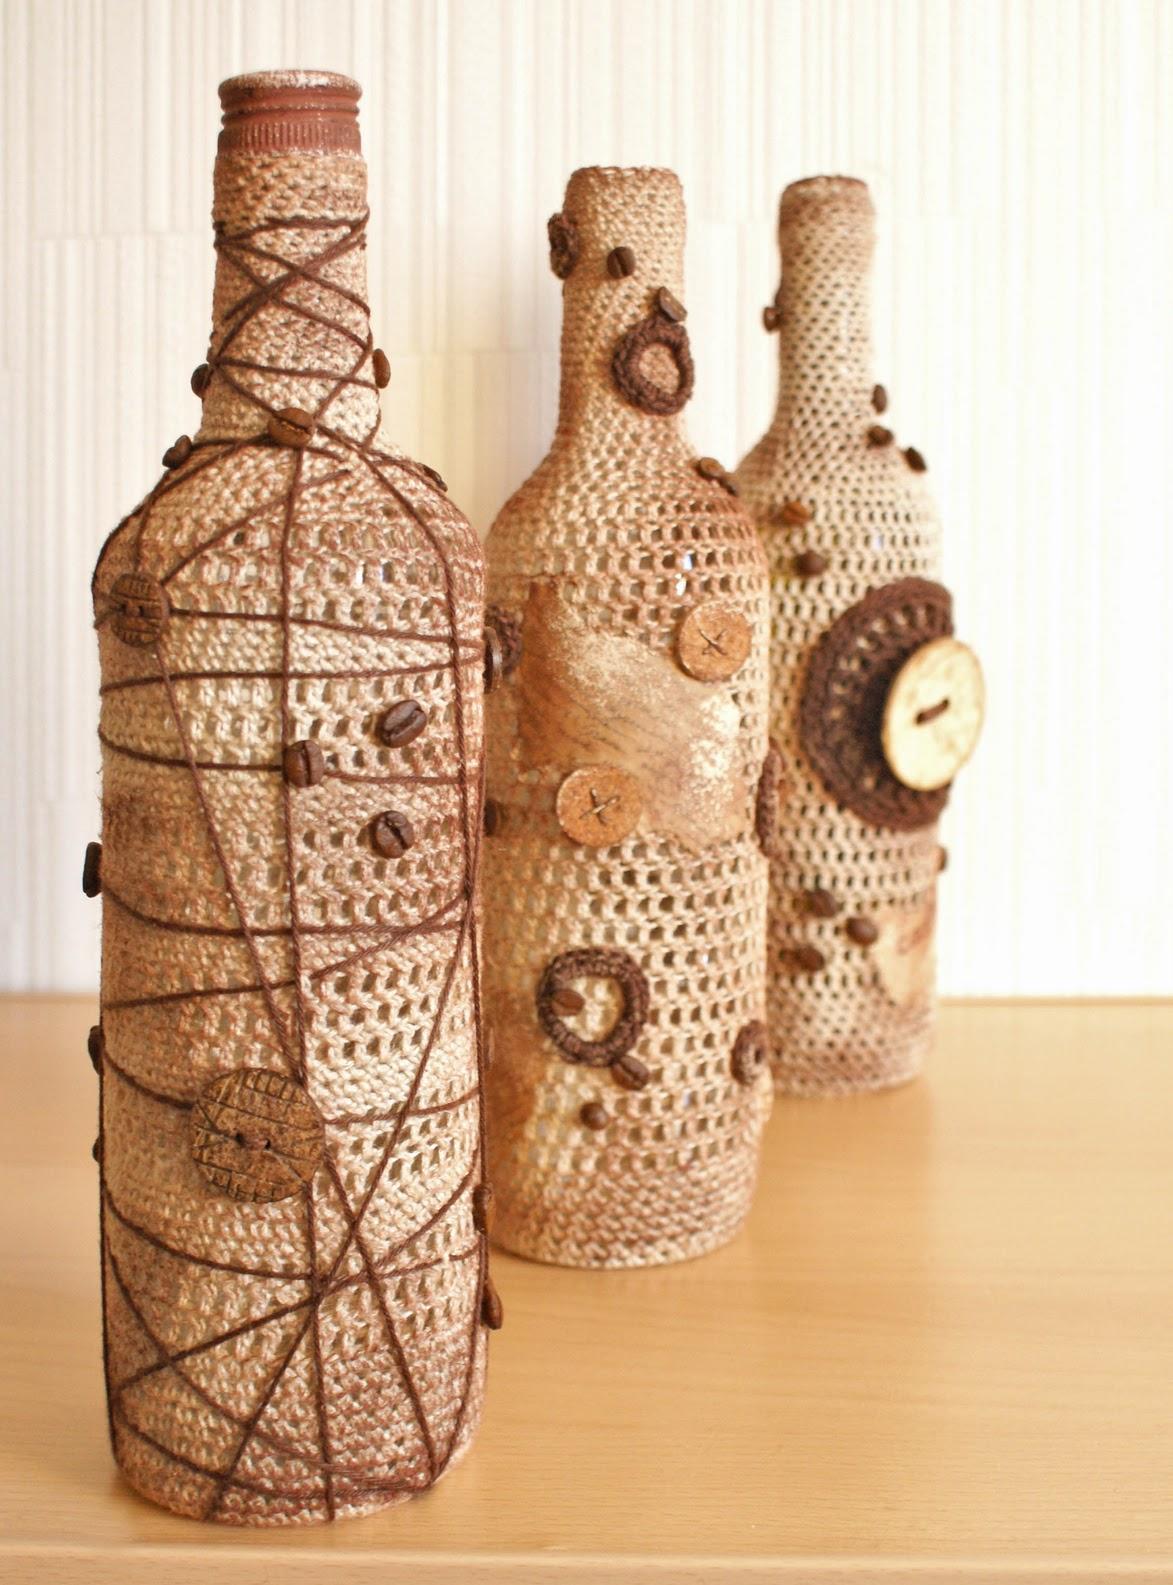 Украшение бутылок для обновления интерьера